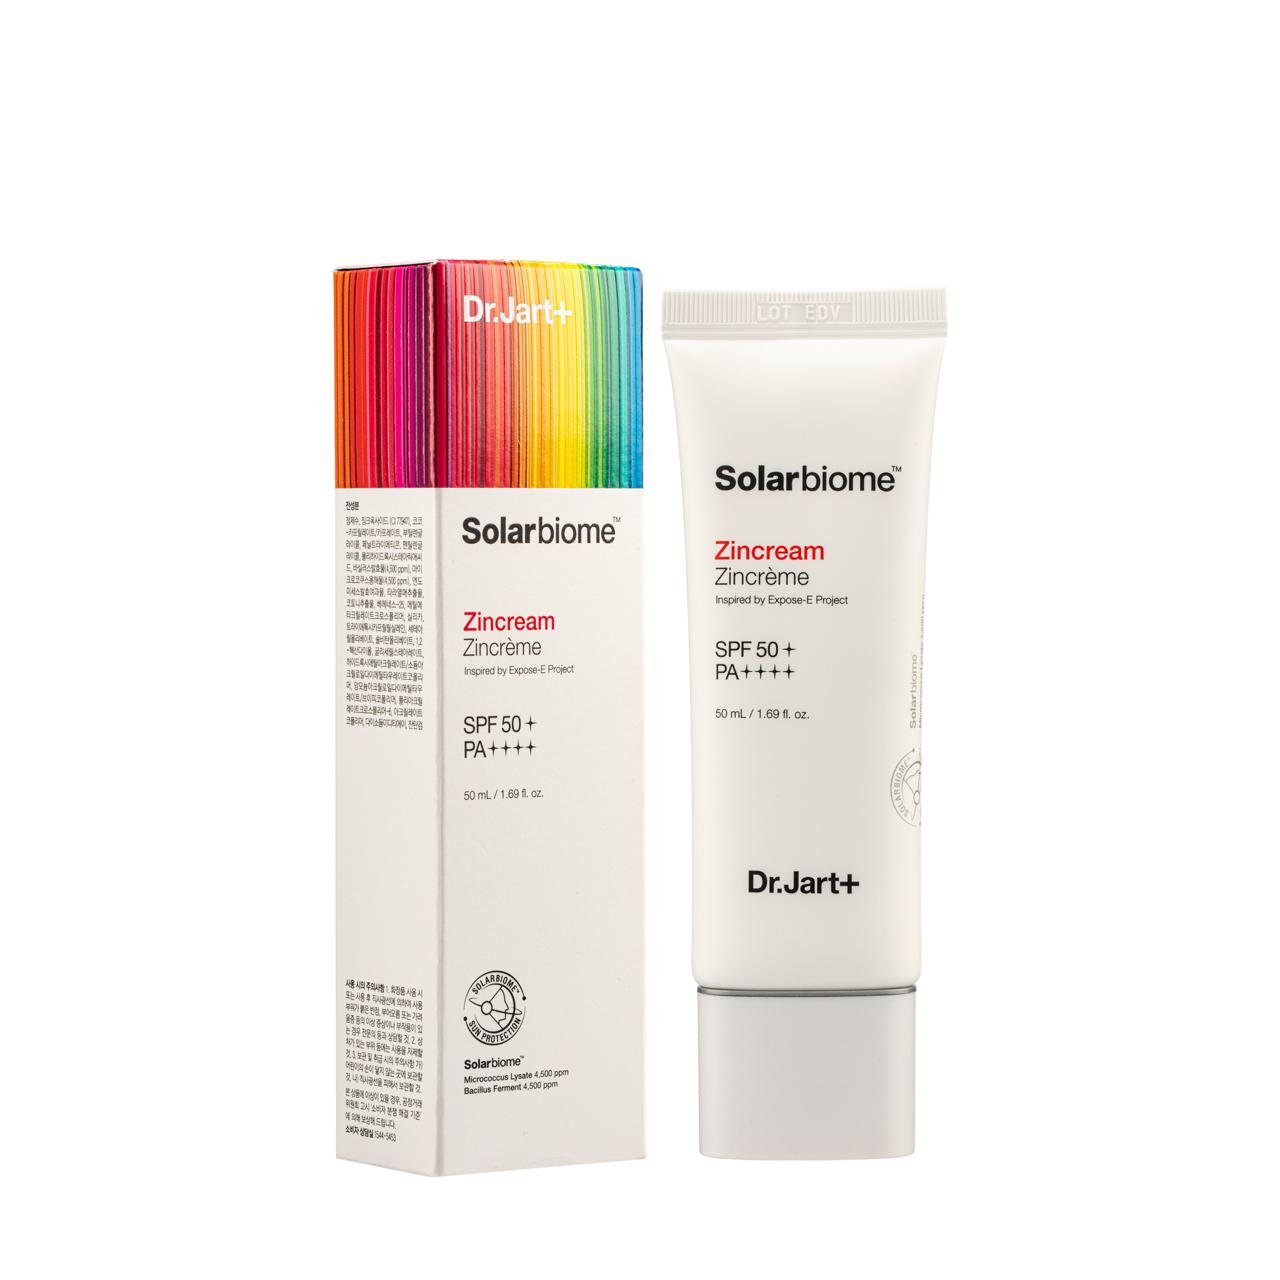 Гипоаллергенный солнцезащитный крем для лица Dr. Jart+ SolarBiome ZinCream SPF 50+ PA++++ - 50 мл